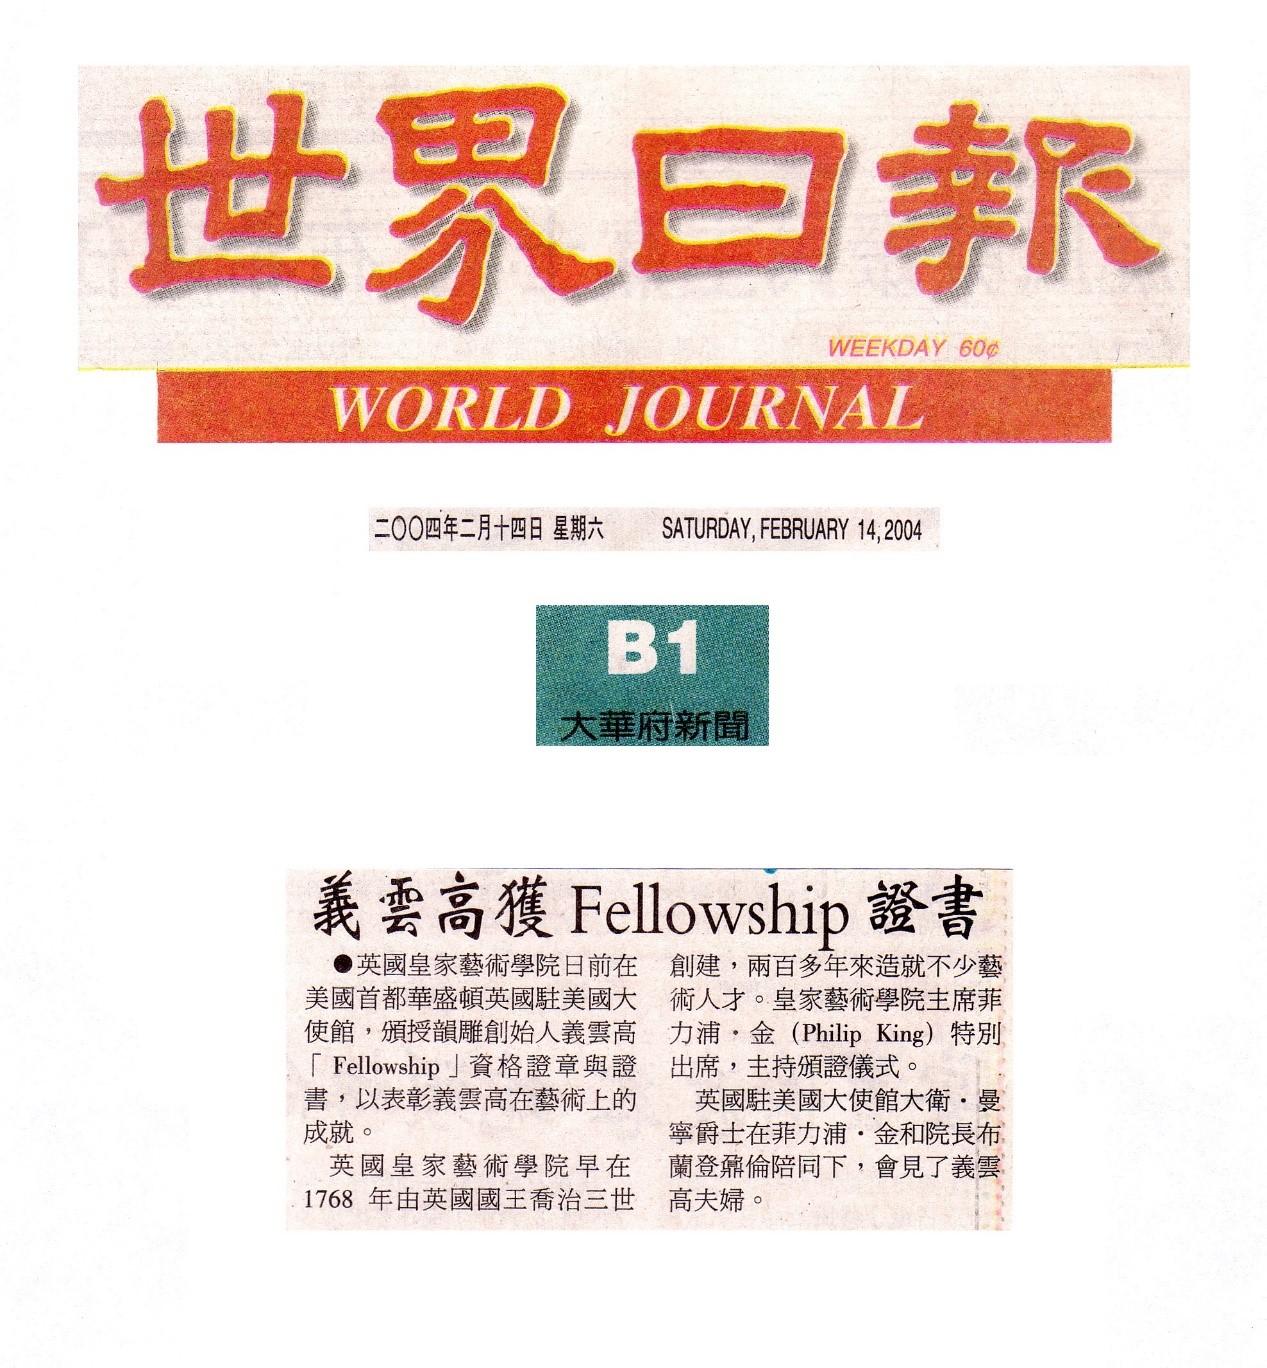 2004-02-14世界日報 義雲高(H.H. 第三世多杰羌佛)獲Fellowship證書